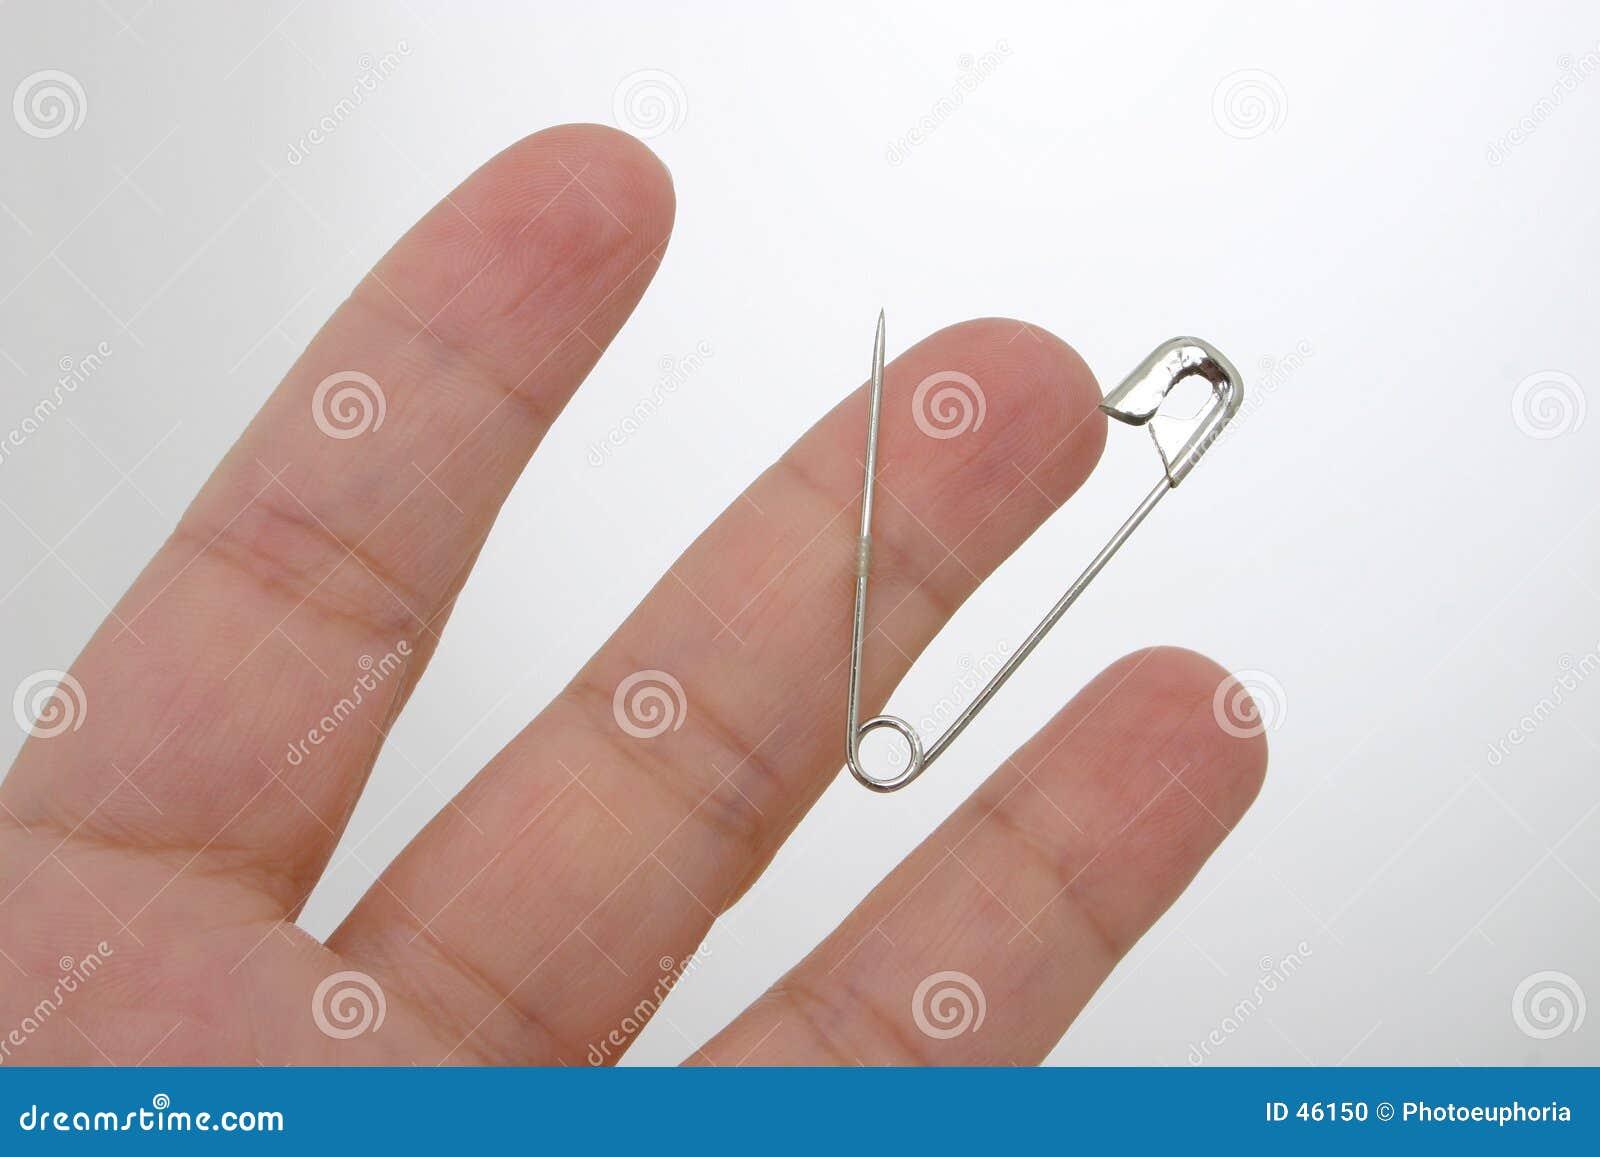 Pin de seguridad pegado en dedo